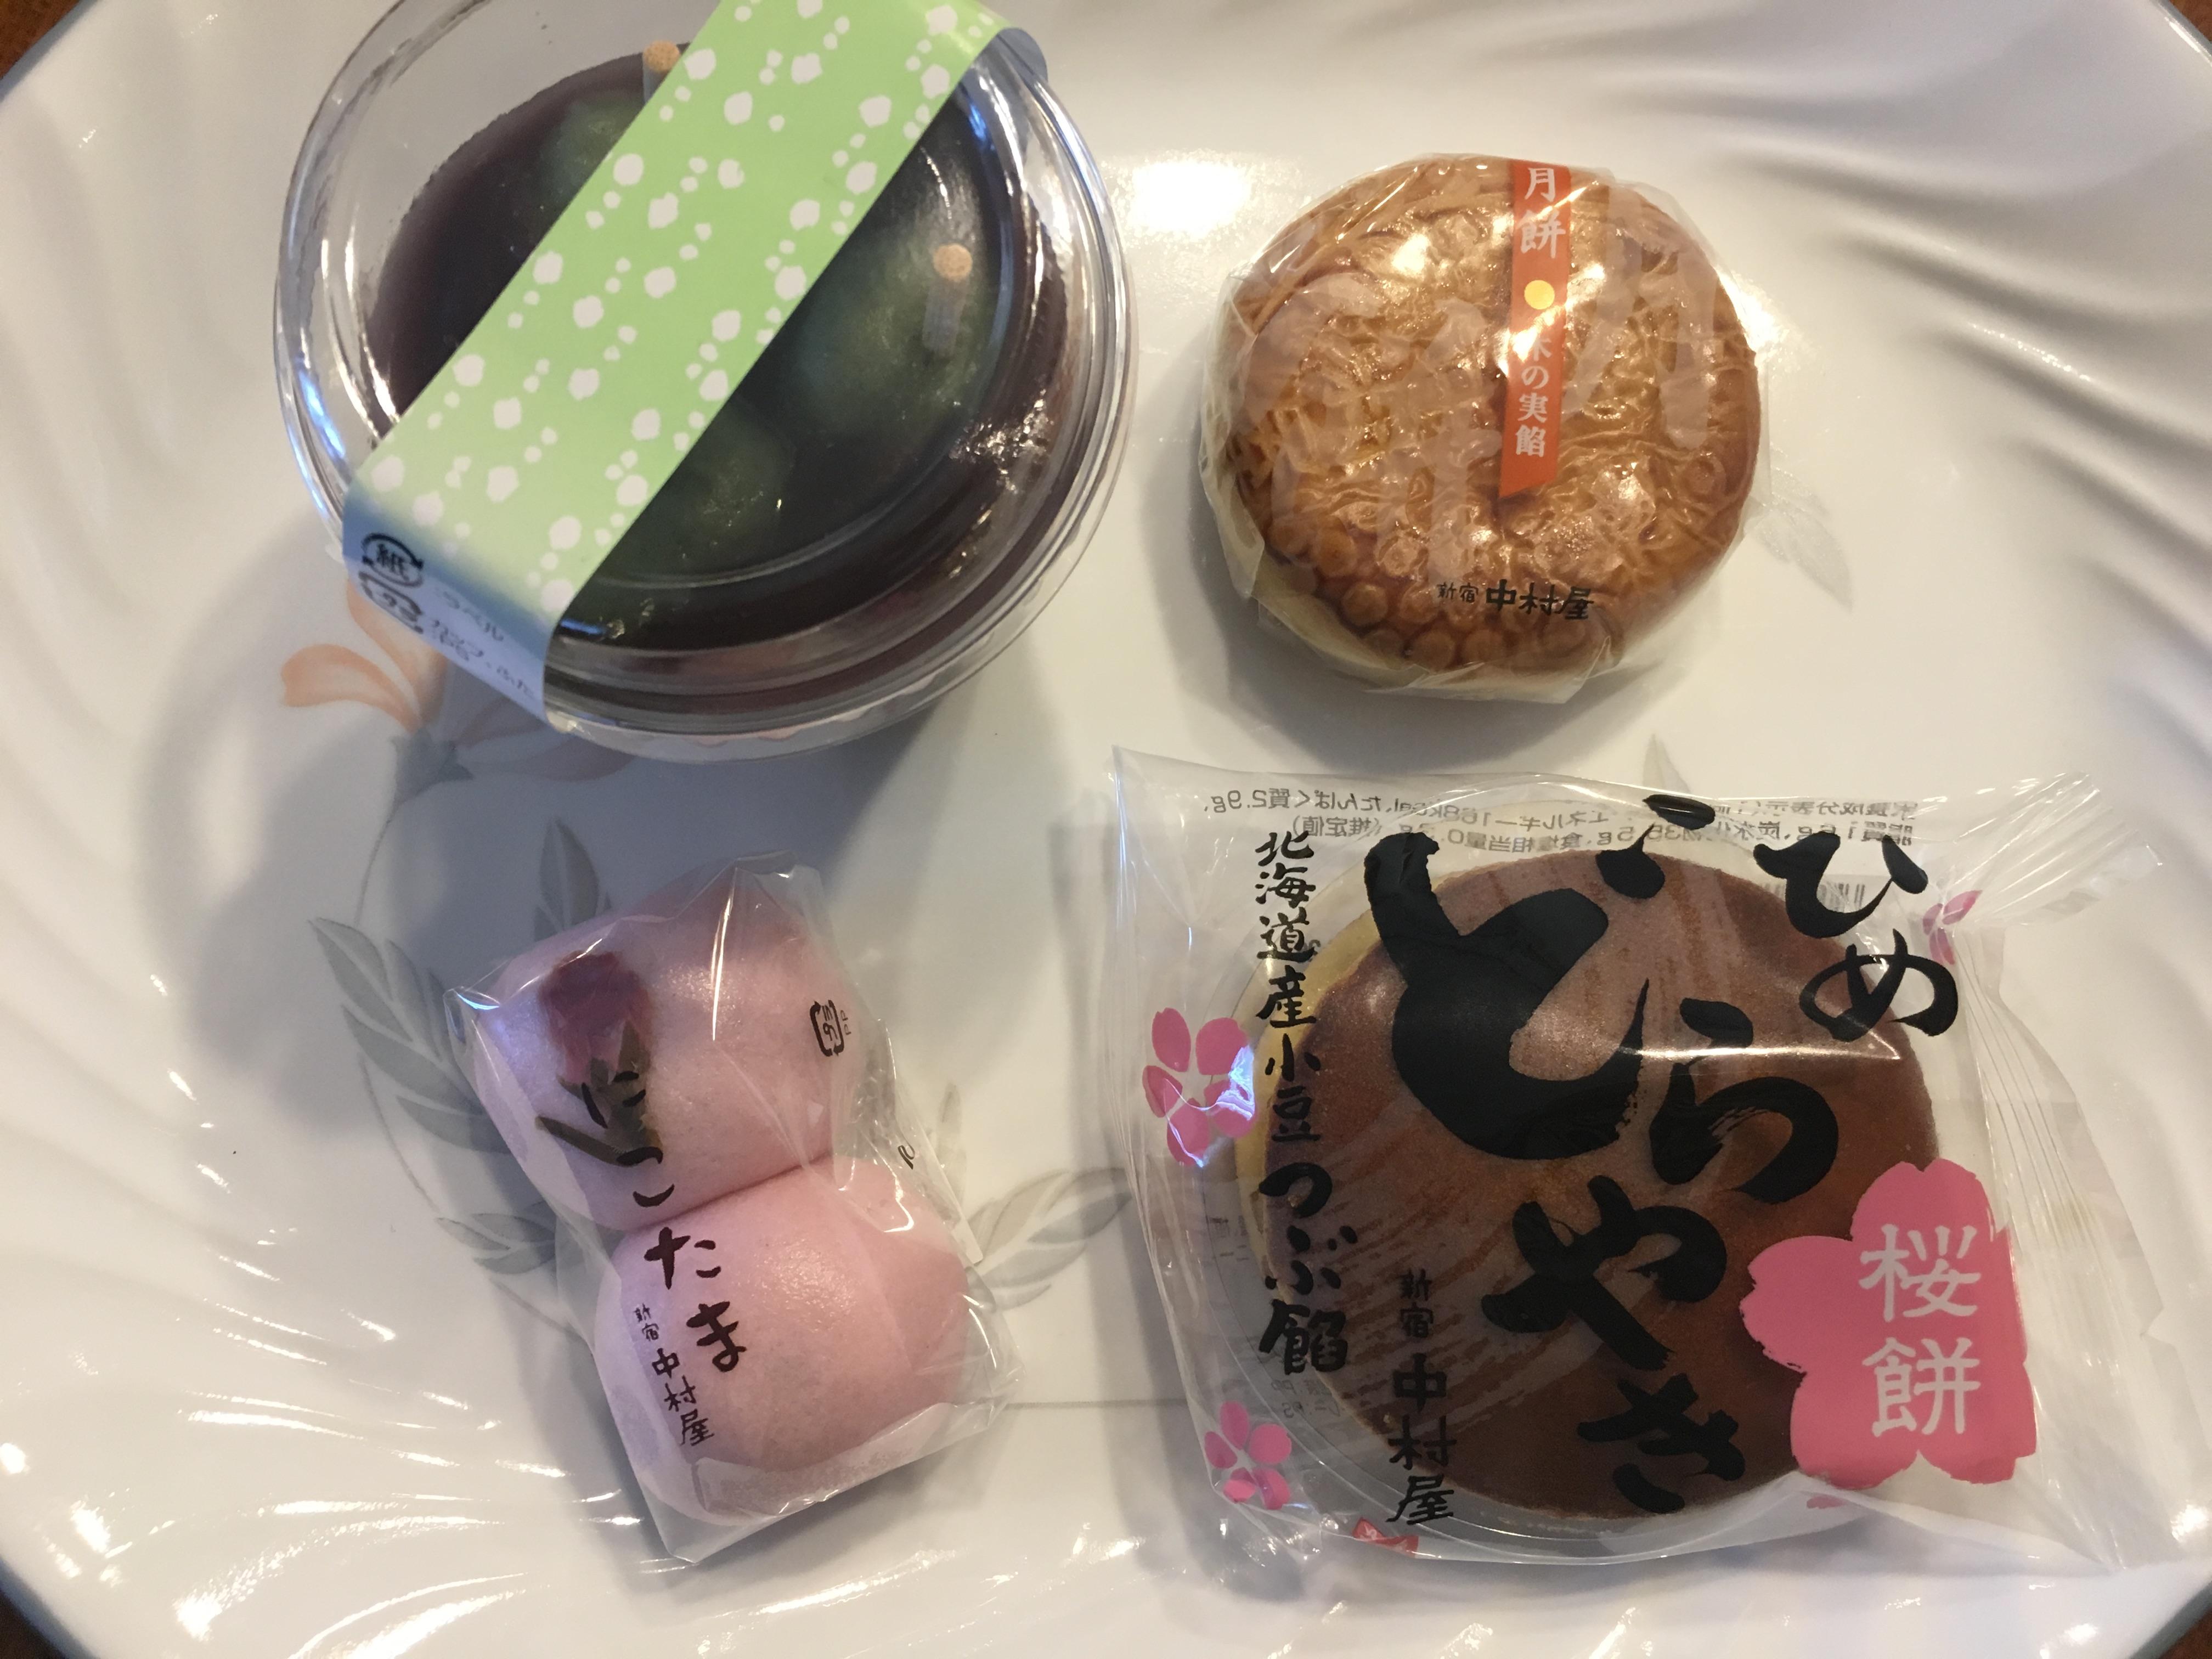 新宿中村屋の春のスイーツを食べてみた感想とおすすめのスイーツ6選